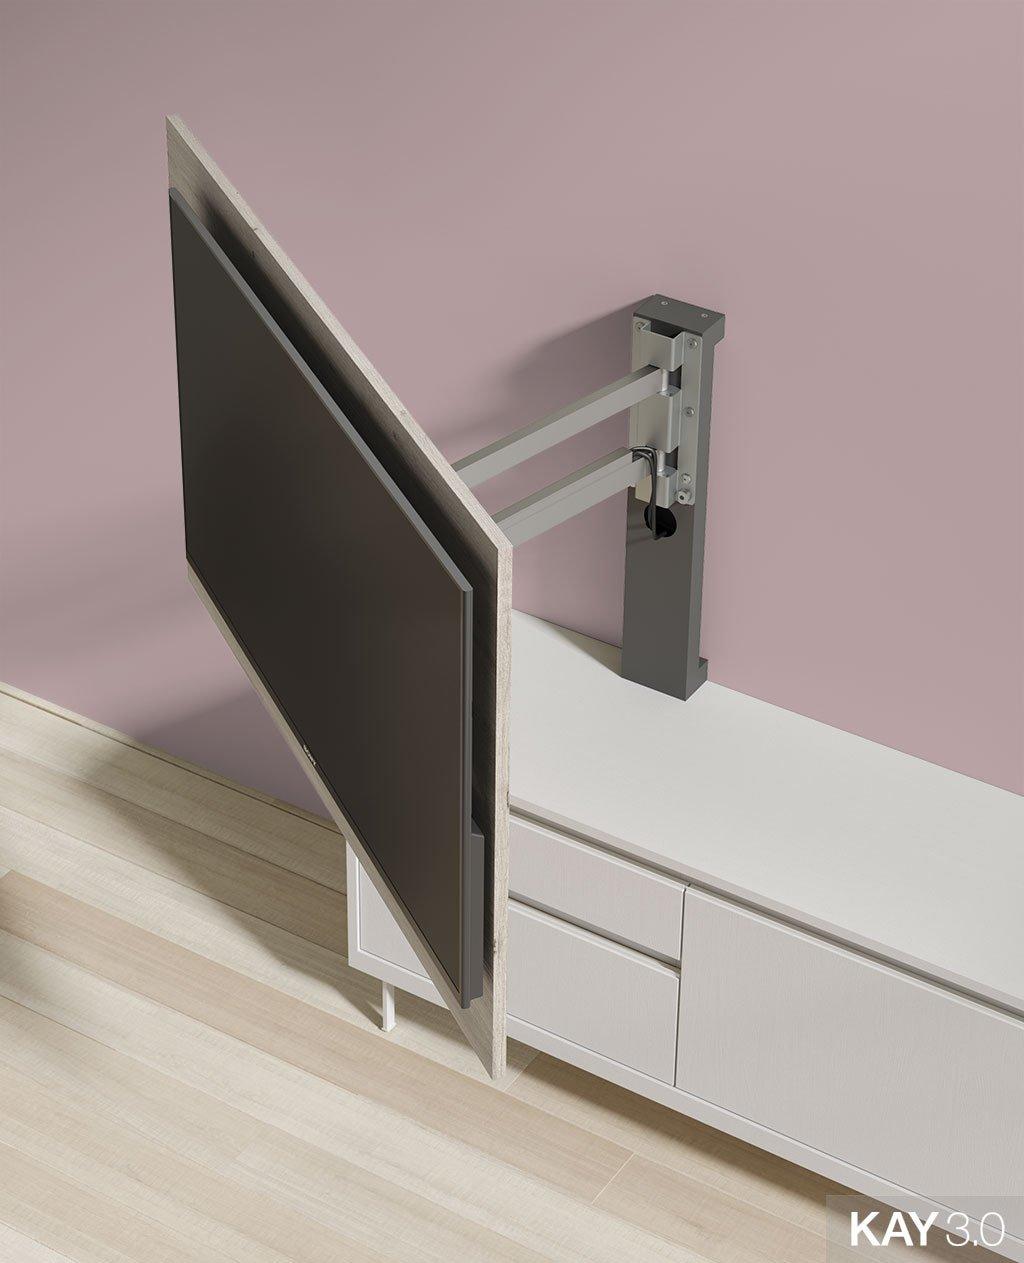 Panel TV giratorio modelo 101 extendido del catálogo KAY 3.0